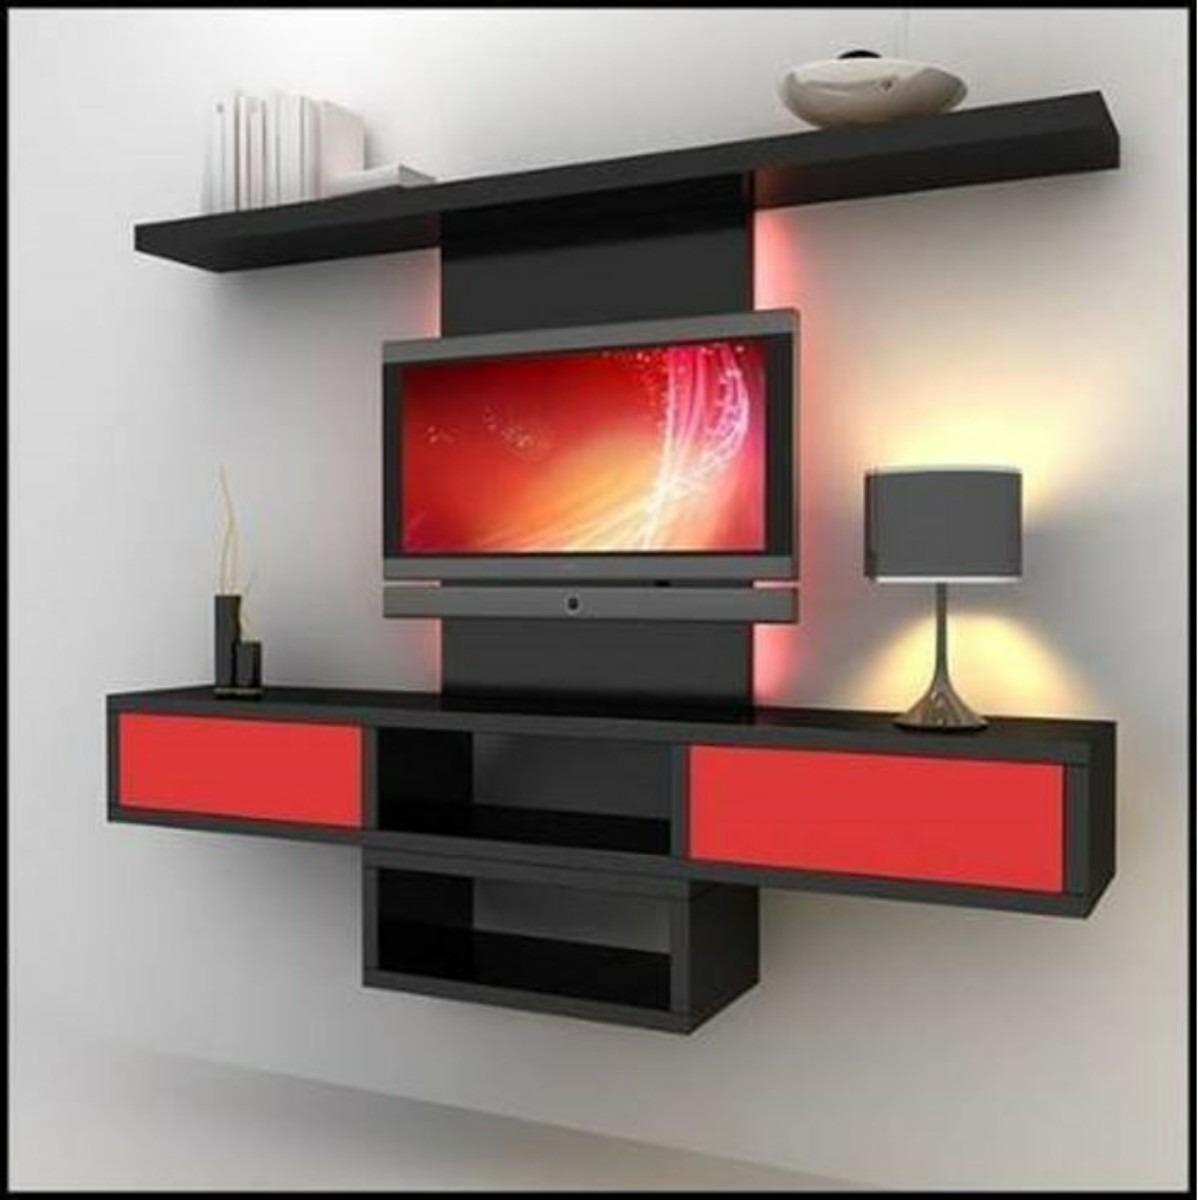 Mesas muebles modernos minimalista para tv somos fabricantes bs en mercado libre - Muebles para tv minimalistas ...